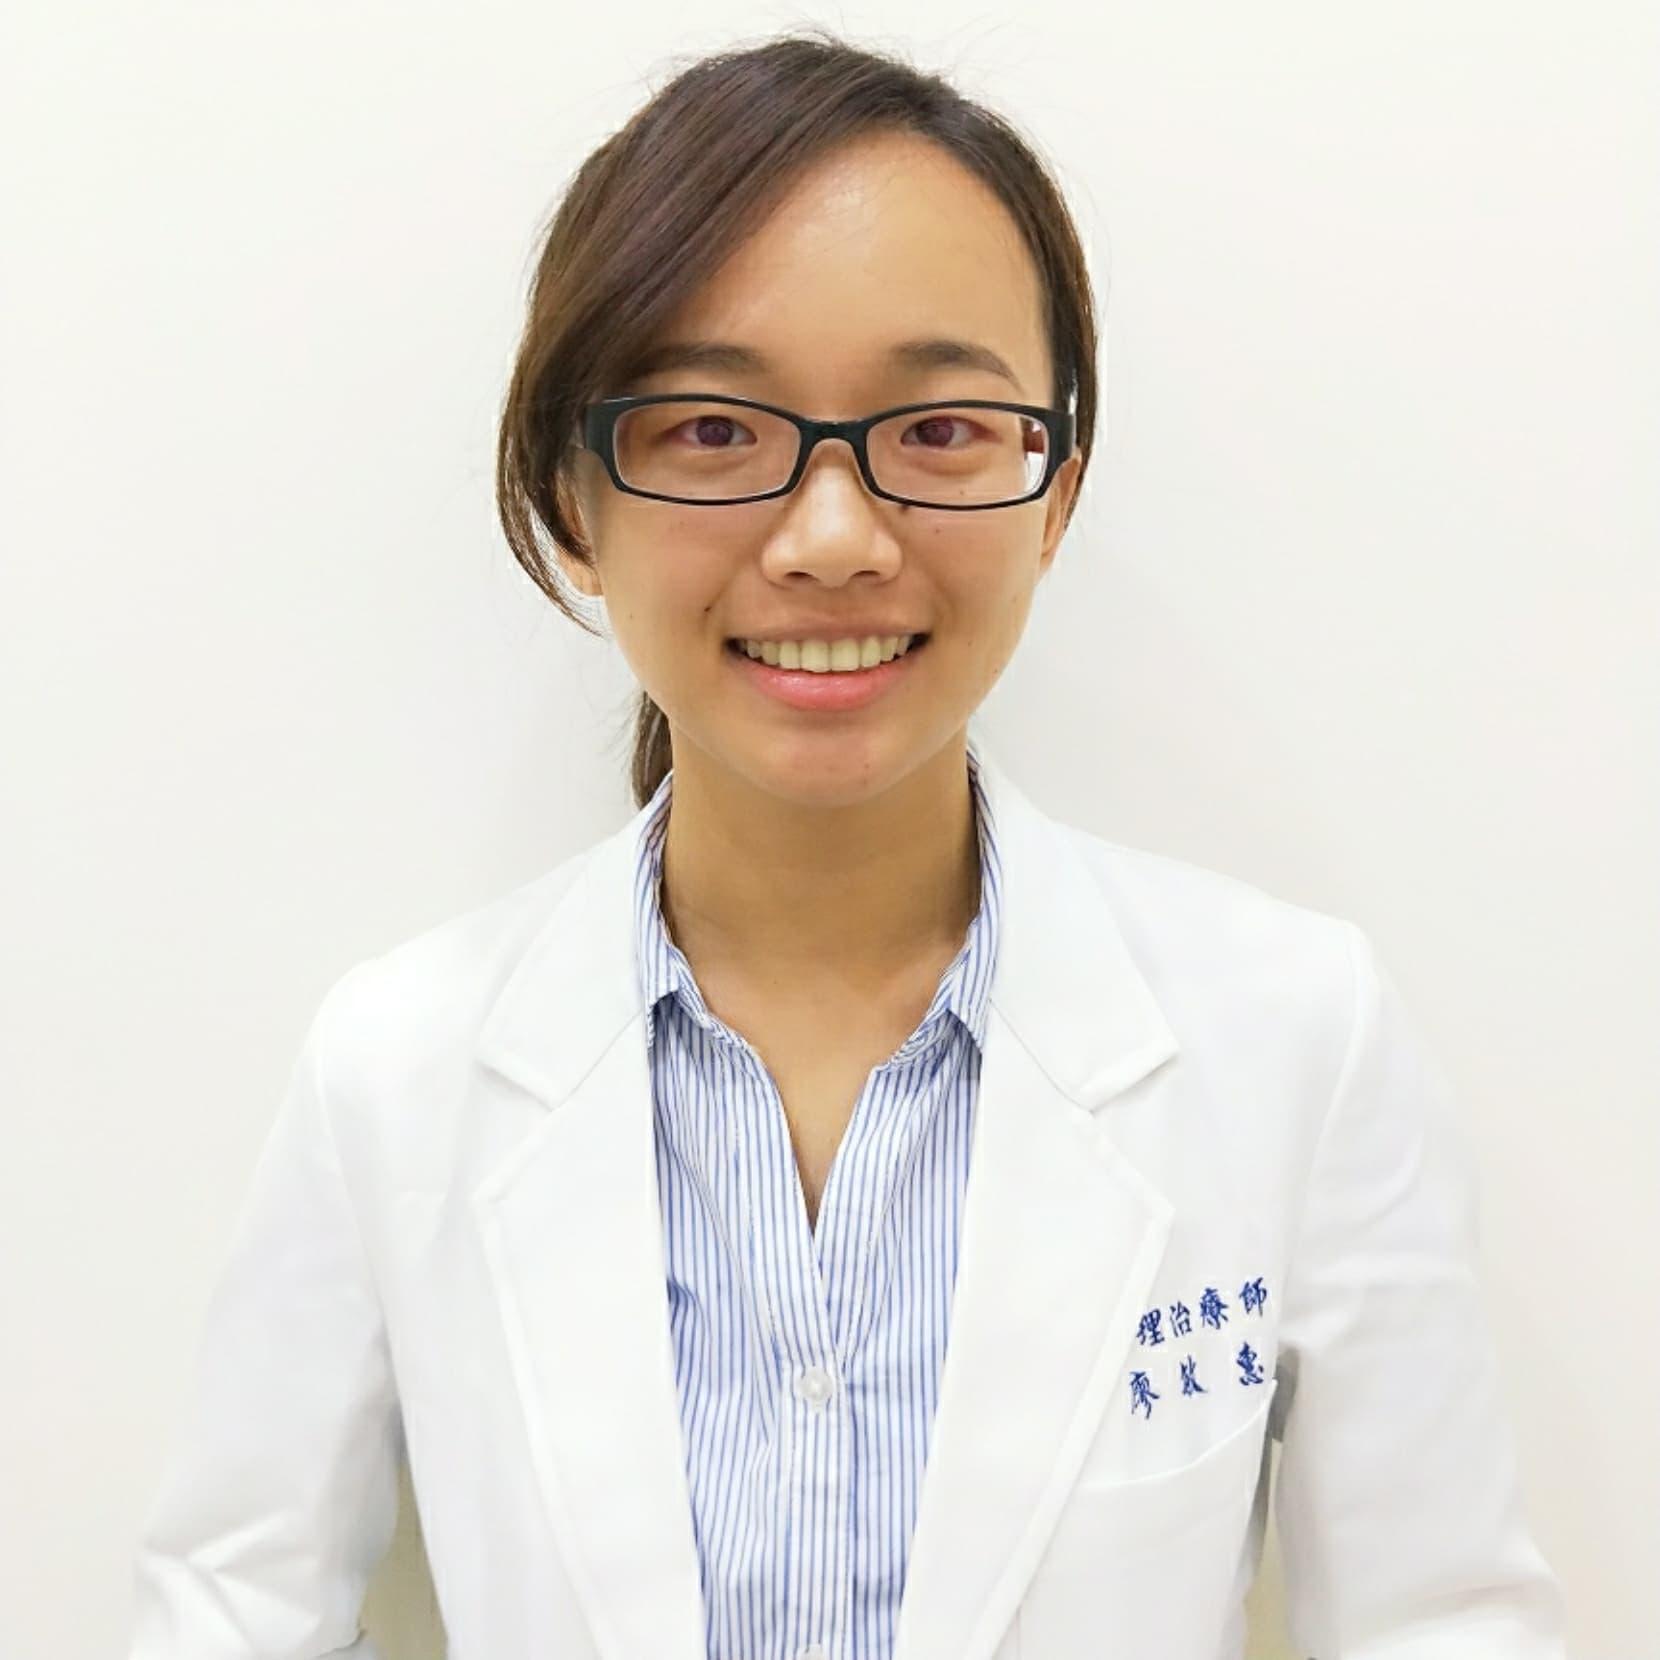 廖敏惠/物理治療師